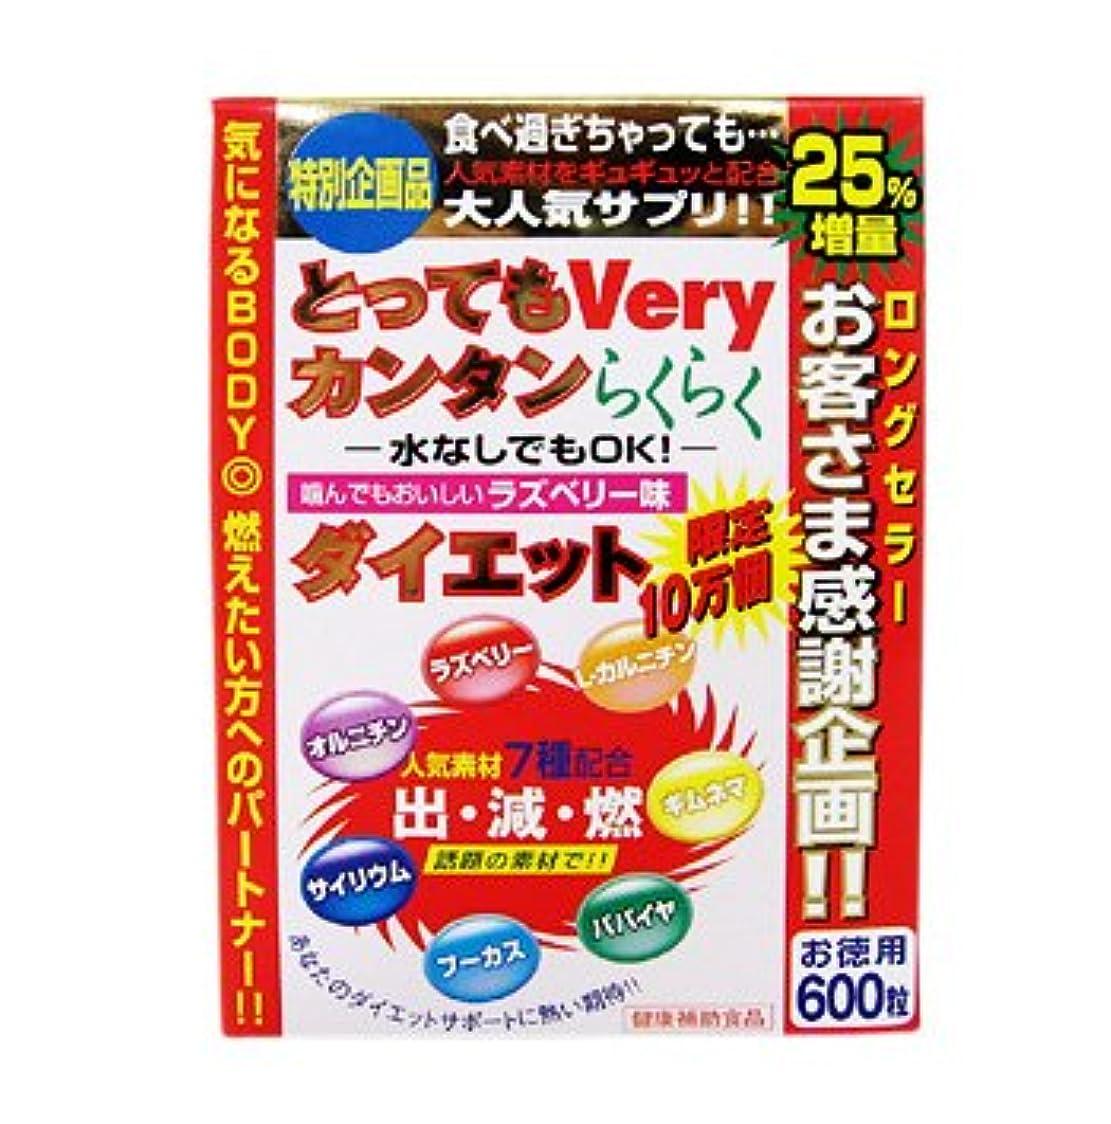 手綱カードペッカディロジャパンギャルズ とってもVery カンタンらくらくダイエット お徳用 600粒 とってもベリー×10個セット